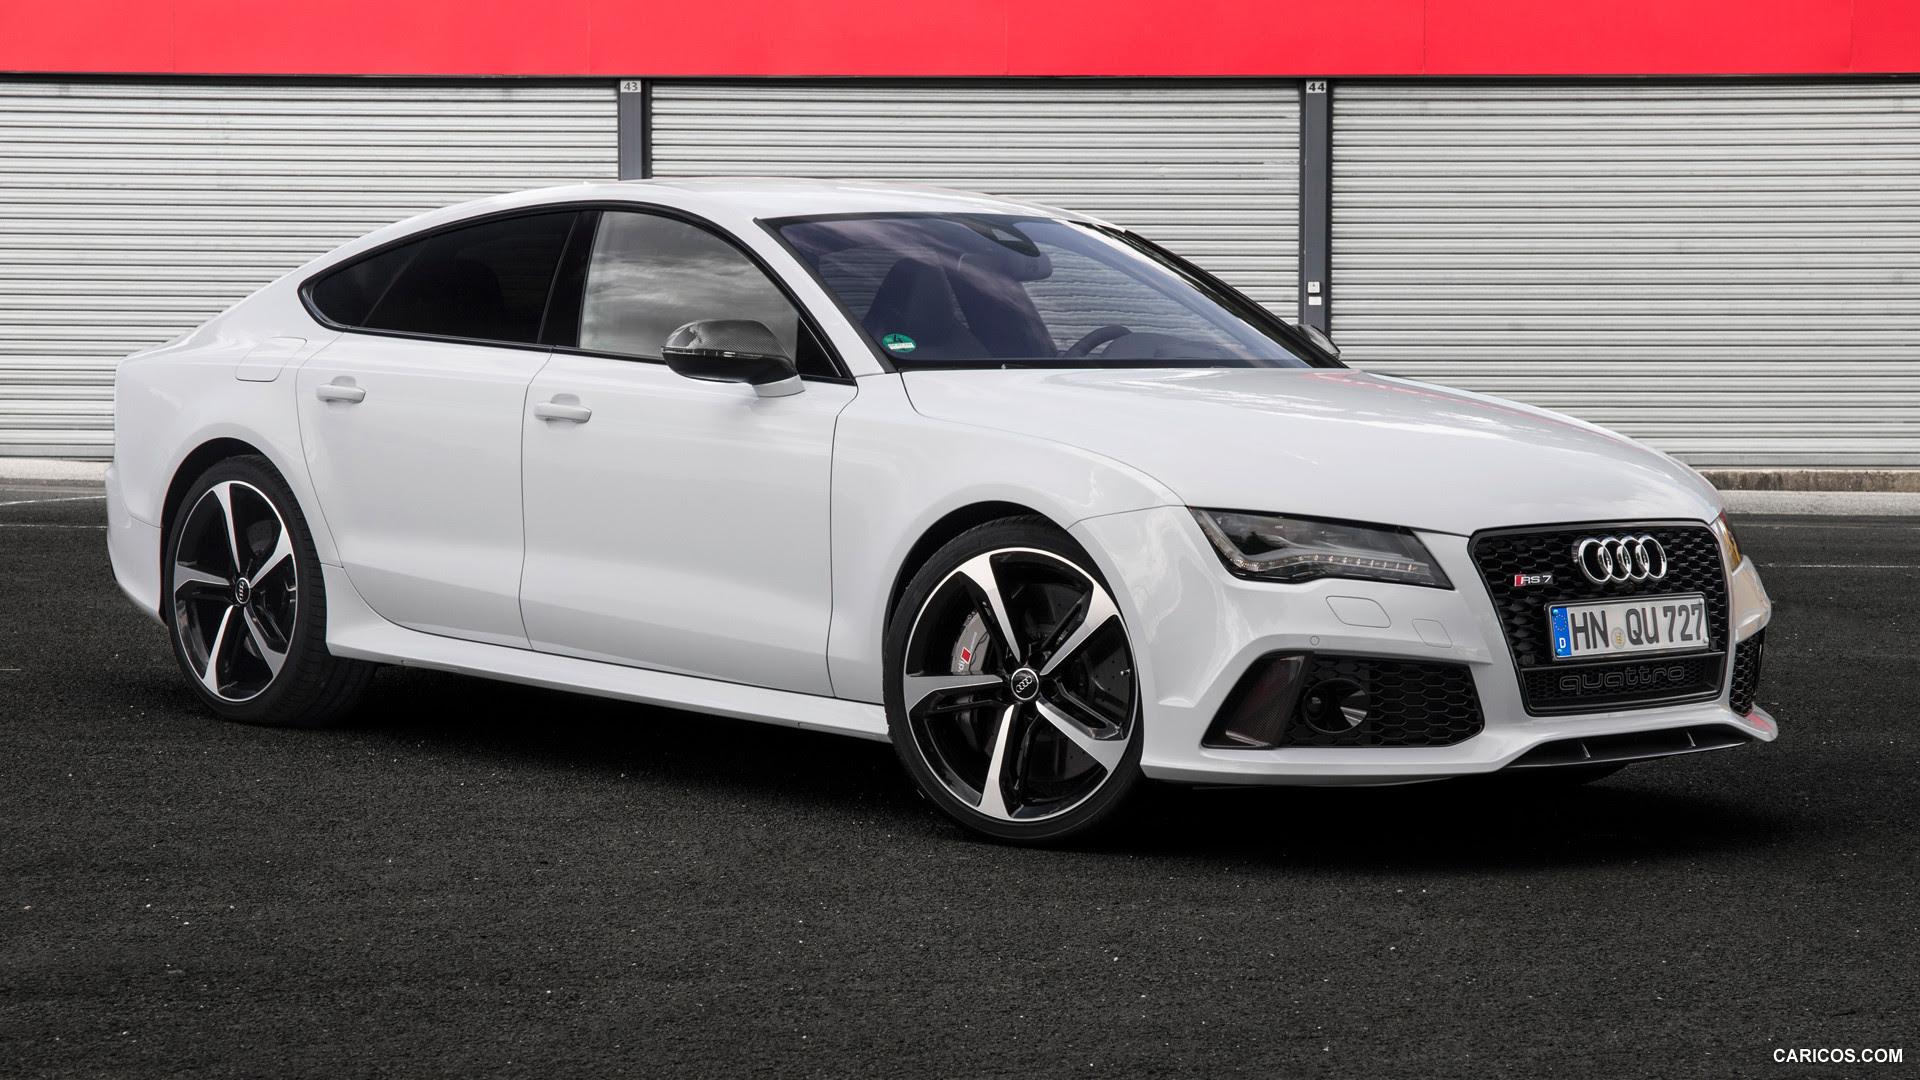 2014 Audi RS7 Sportback | Caricos.com